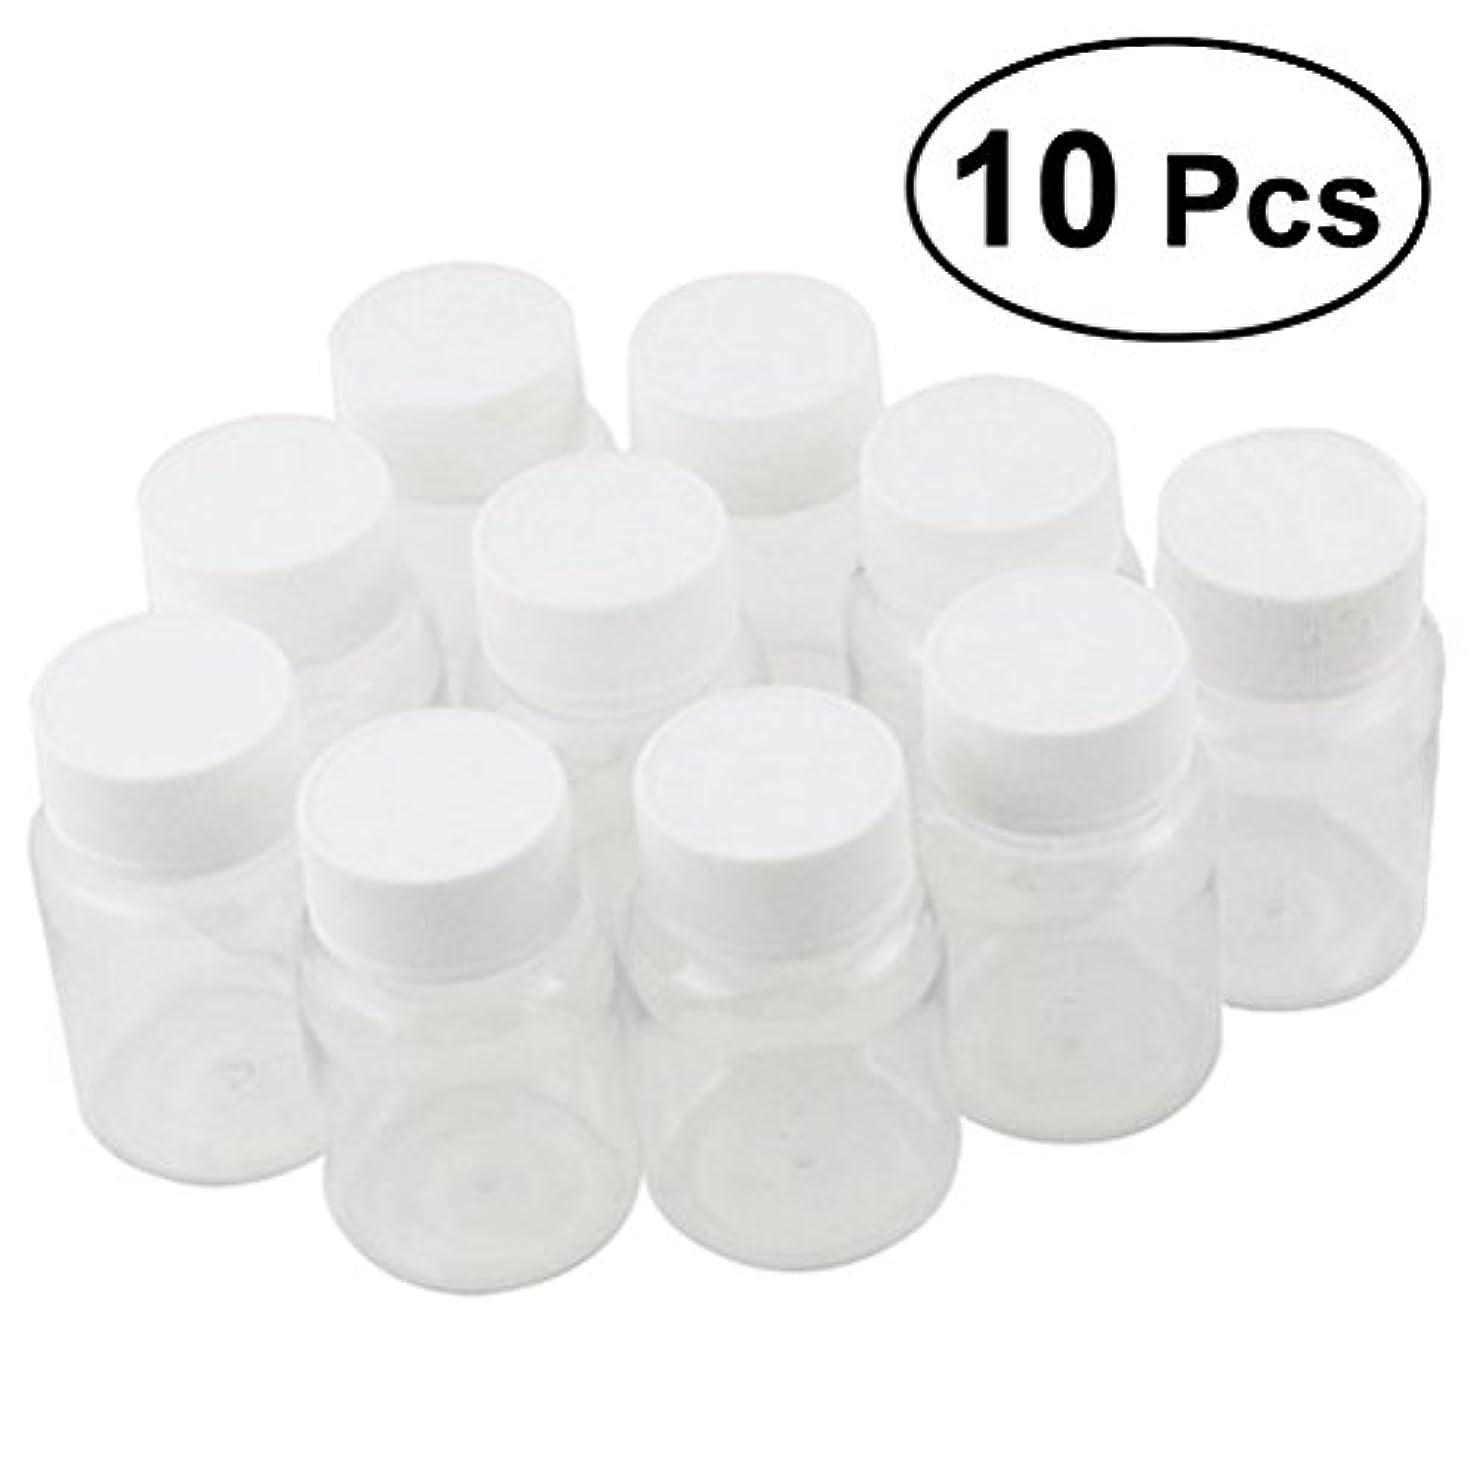 代替優遇プロポーショナルULTNICE 小分けボトル 広口 クリア 詰め替え容器 薬保存 ビーズ収納 液体 10個セット